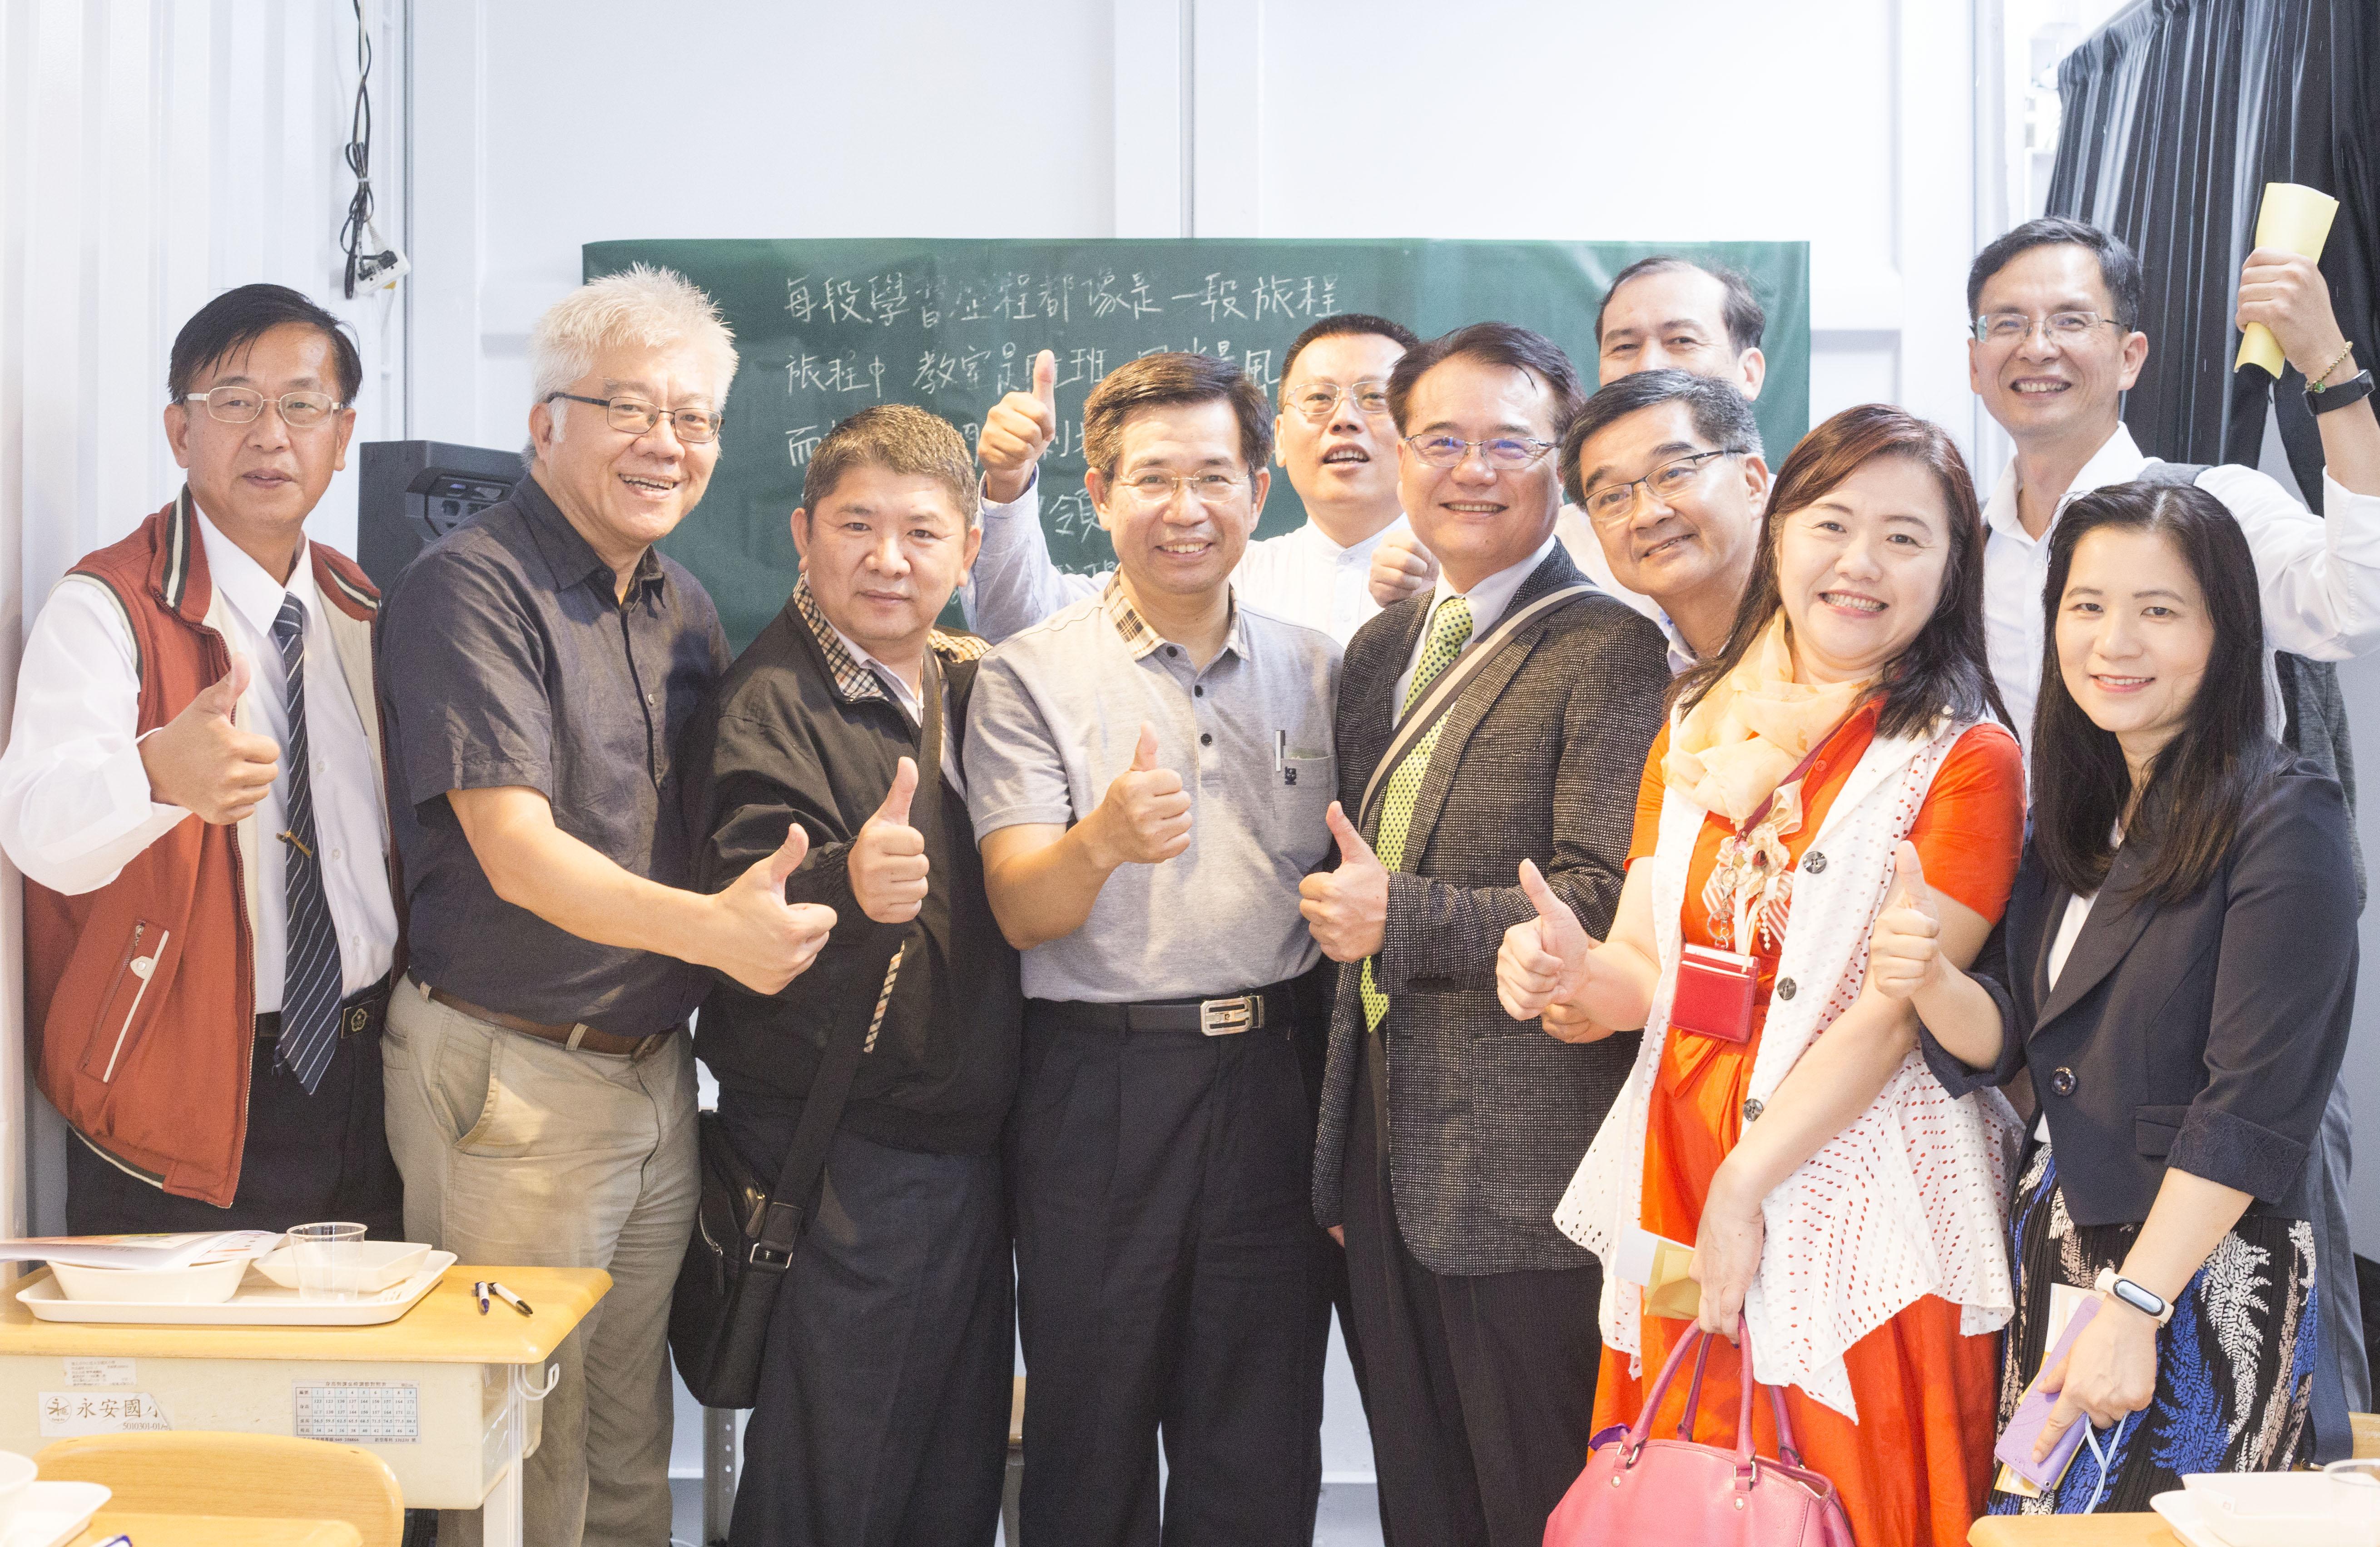 潘部長出席「憶起教師節─華山回憶啟航」活動01.JPG_大圖